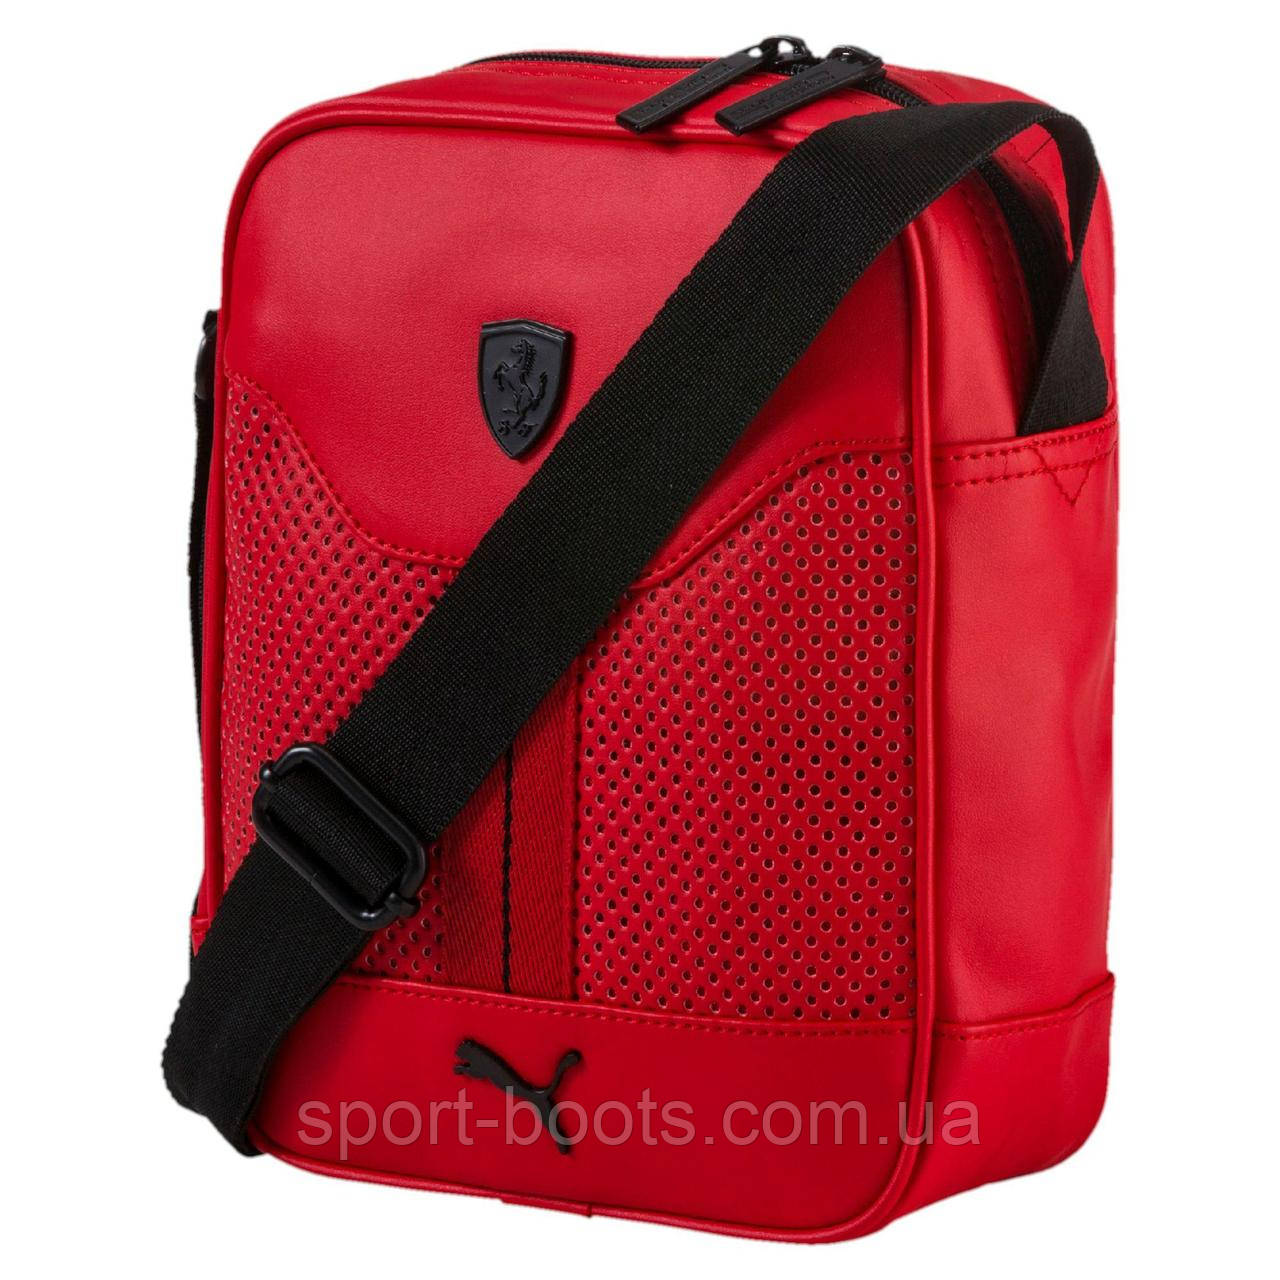 cedcdba525e3 Оригинальная сумка Puma Ferrari LS Portable - Sport-Boots - Только  оригинальные товары в Львове